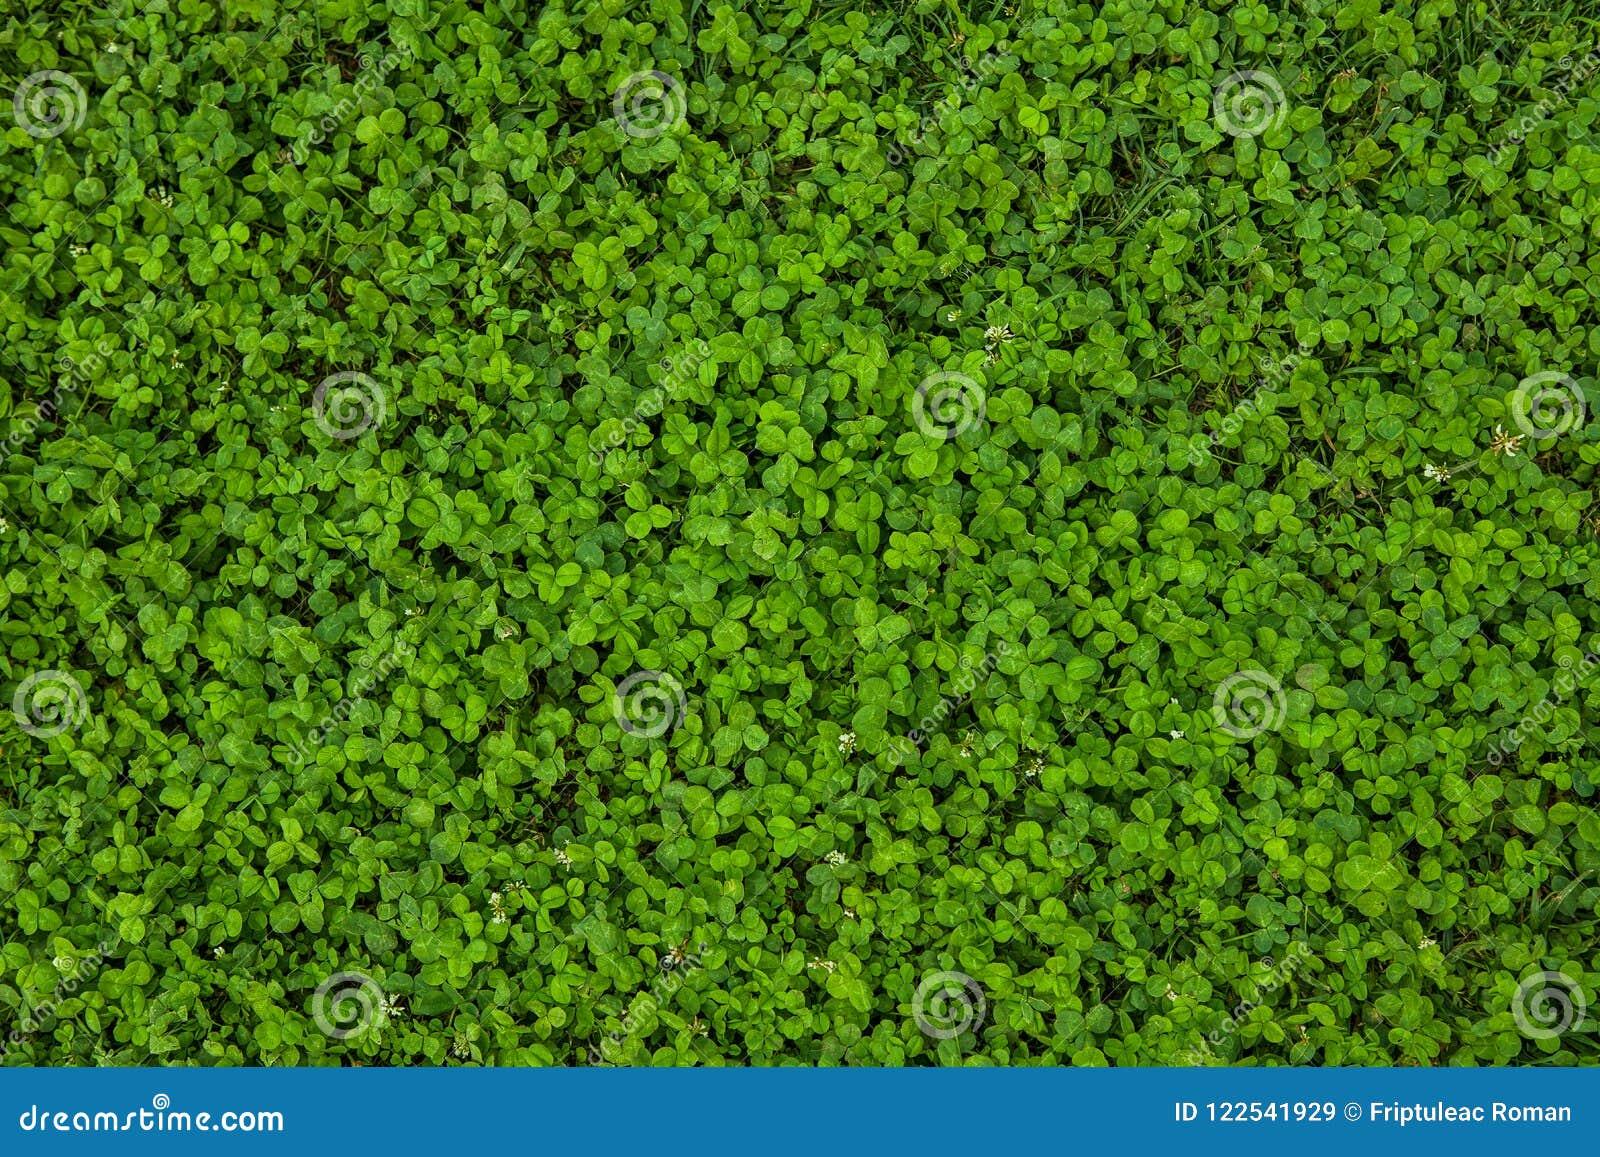 Schöne Beschaffenheit des grünen Grases